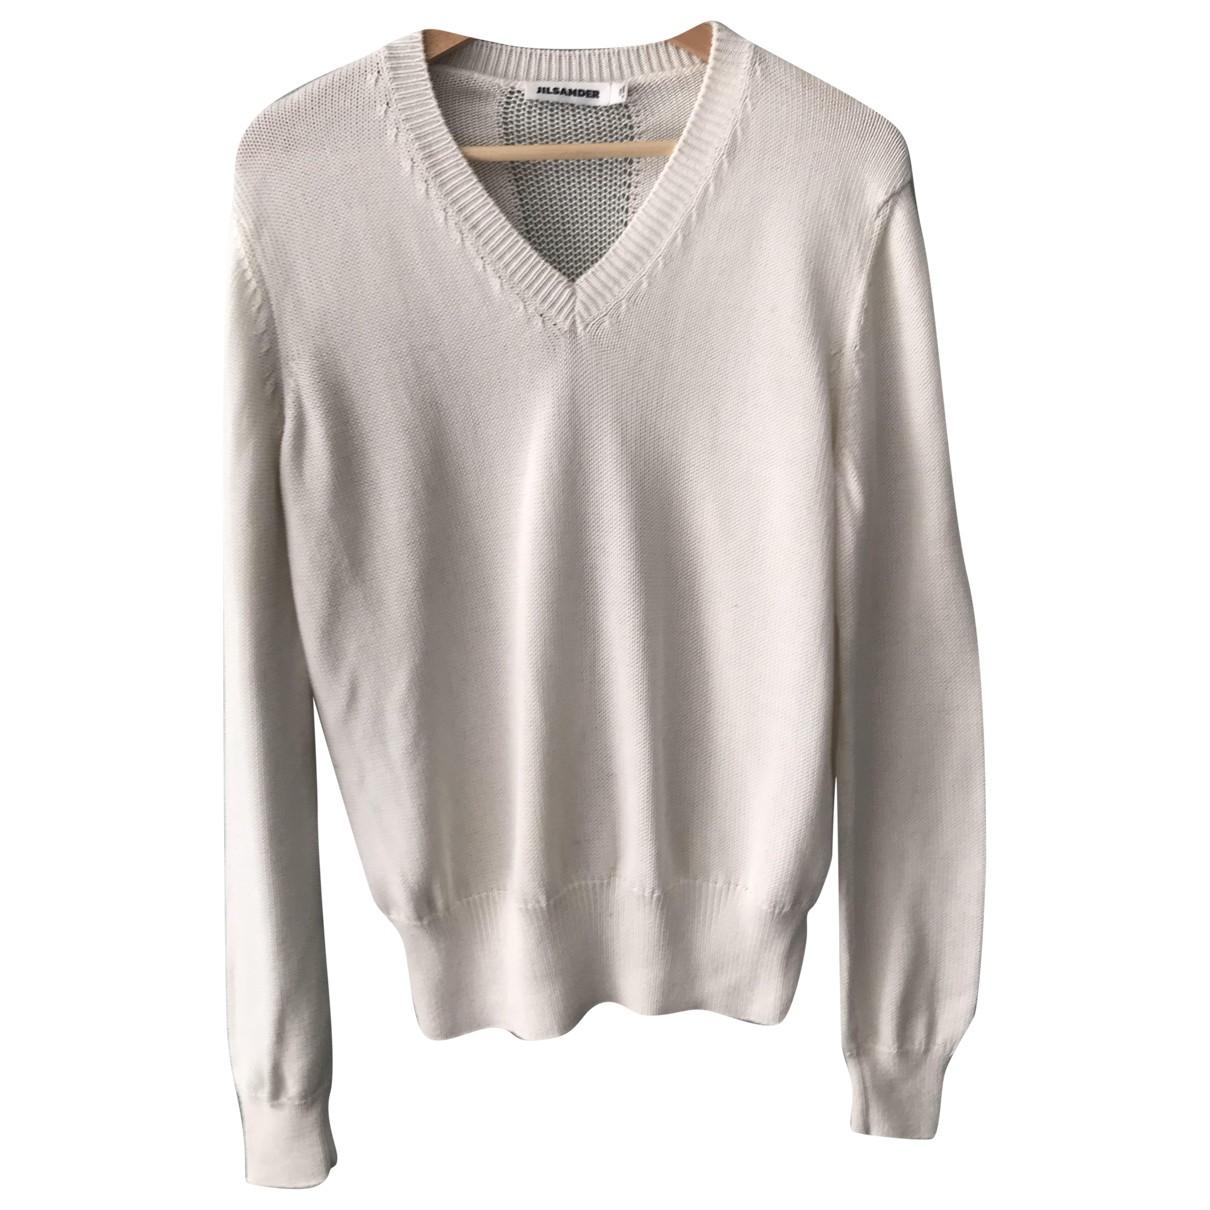 Jil Sander - Pull   pour femme en coton - blanc